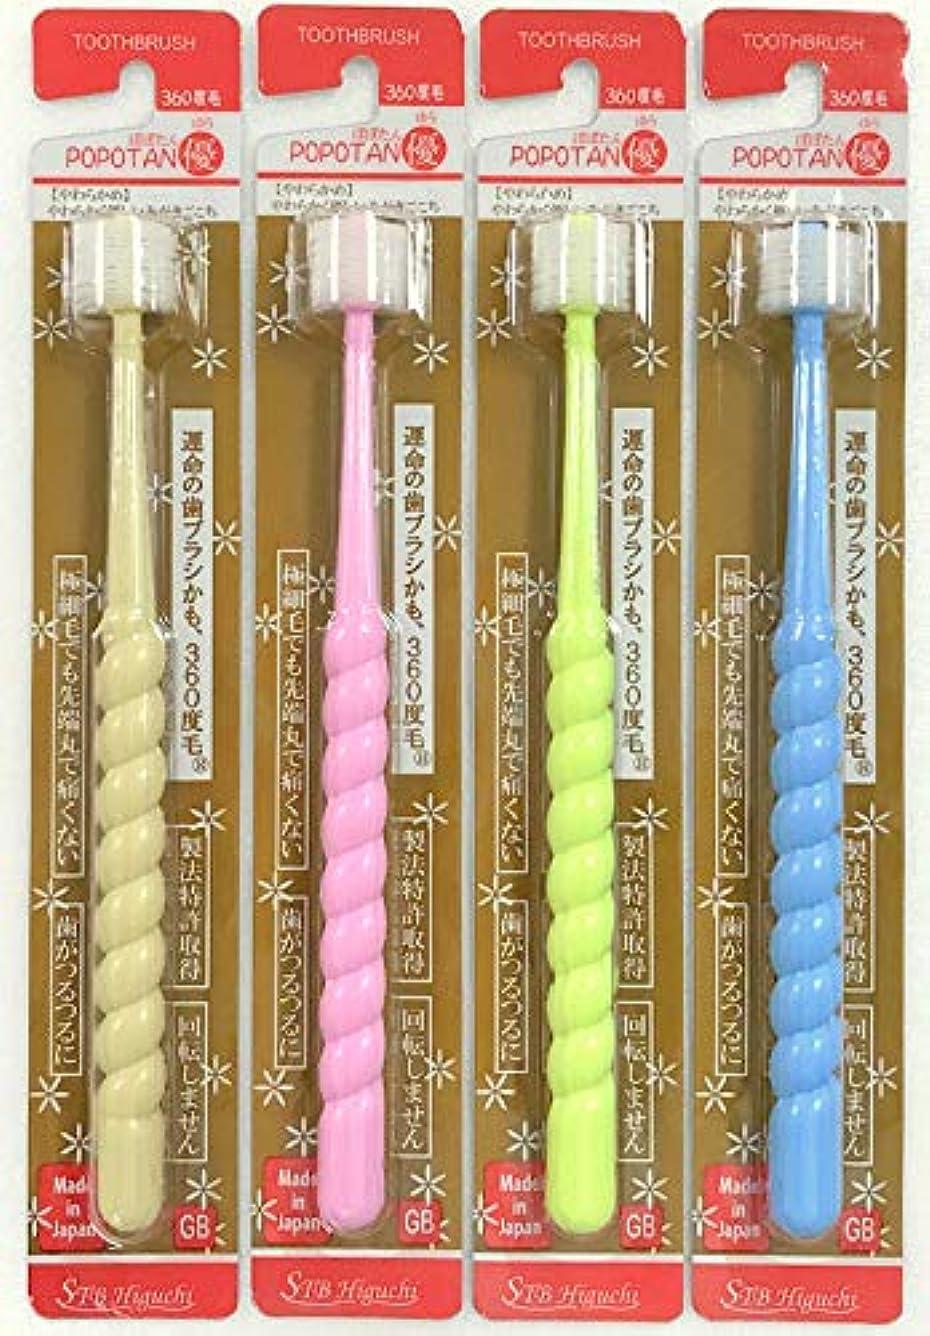 インゲンブラウンオペラ360度歯ブラシ 360do度毛歯ブラシ POPOTAN ぽぽたん 優(カラーは1色おまかせ)